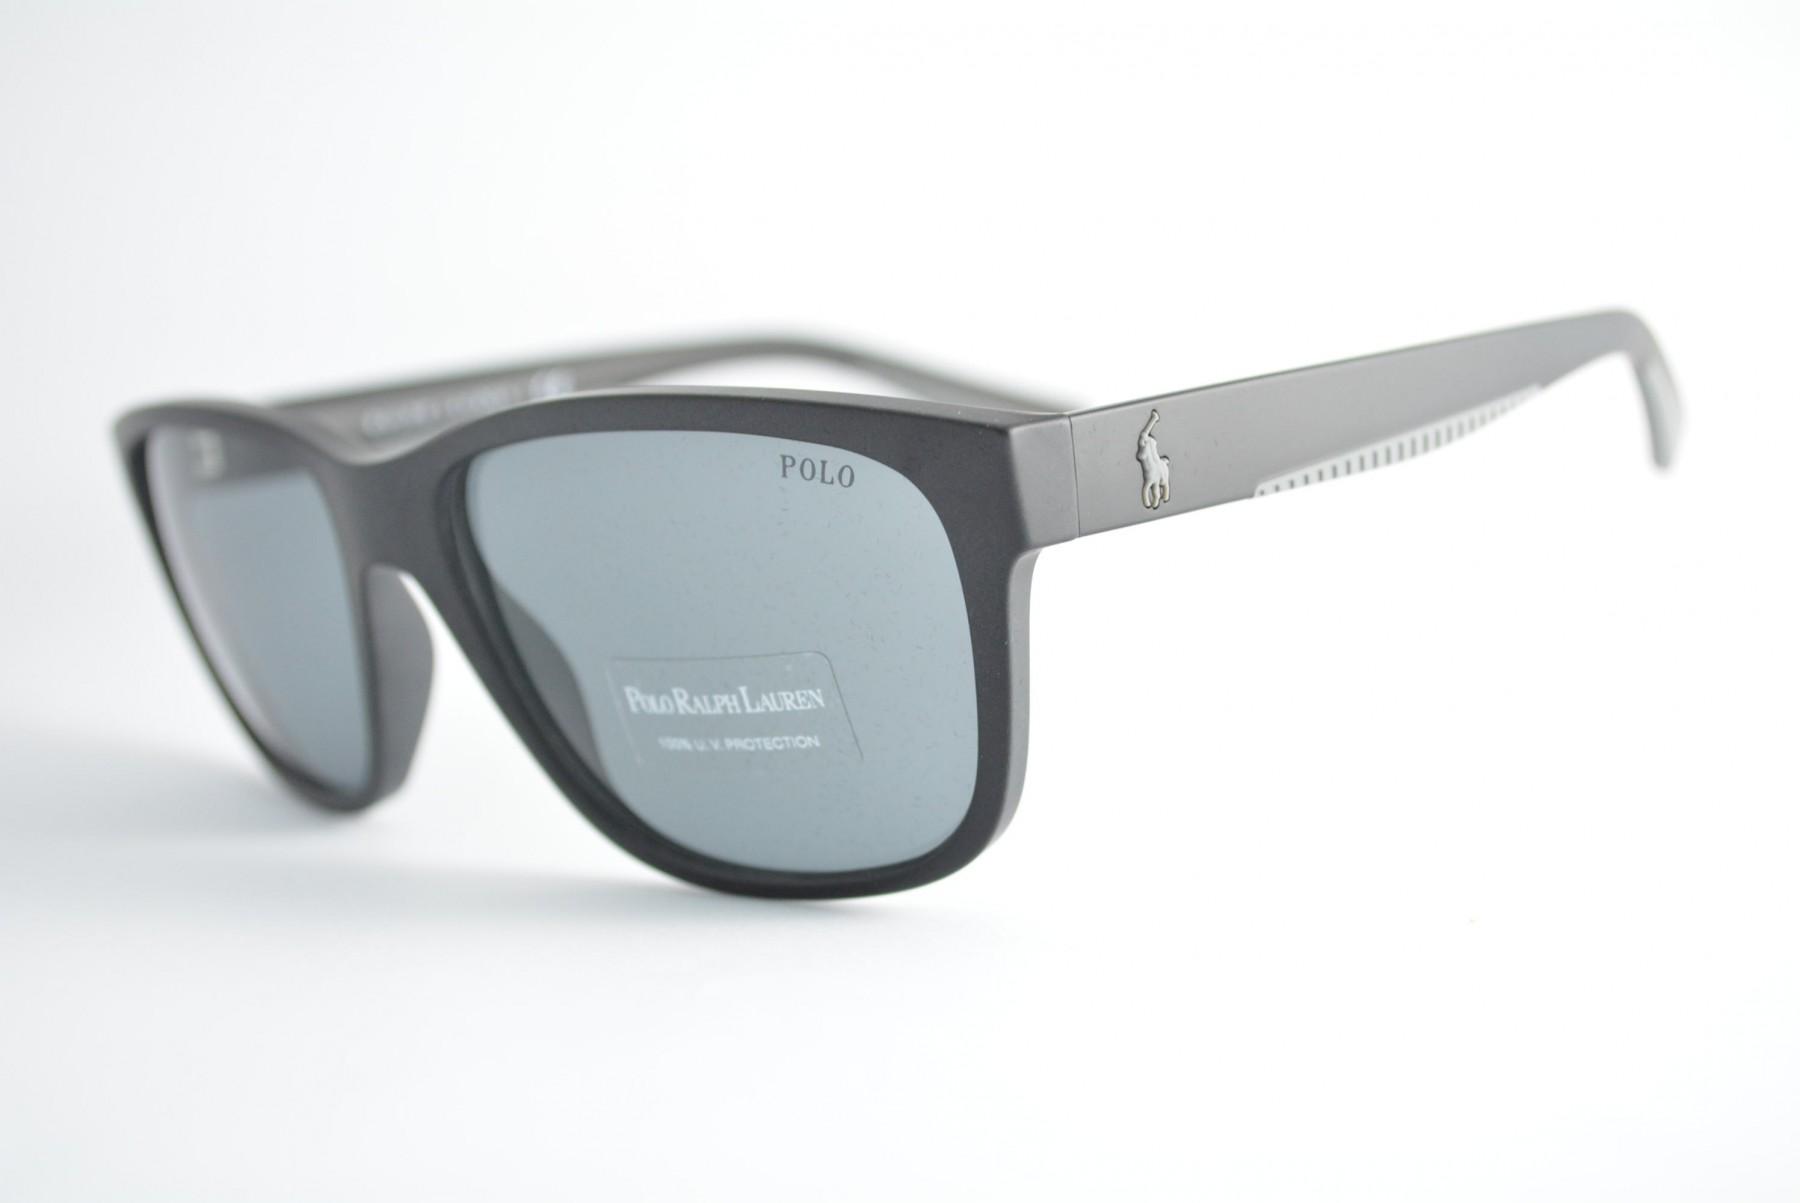 954d65ba4 óculos de sol Polo Ralph Lauren mod ph4142 5284/87. Código: ph4142 5284/87